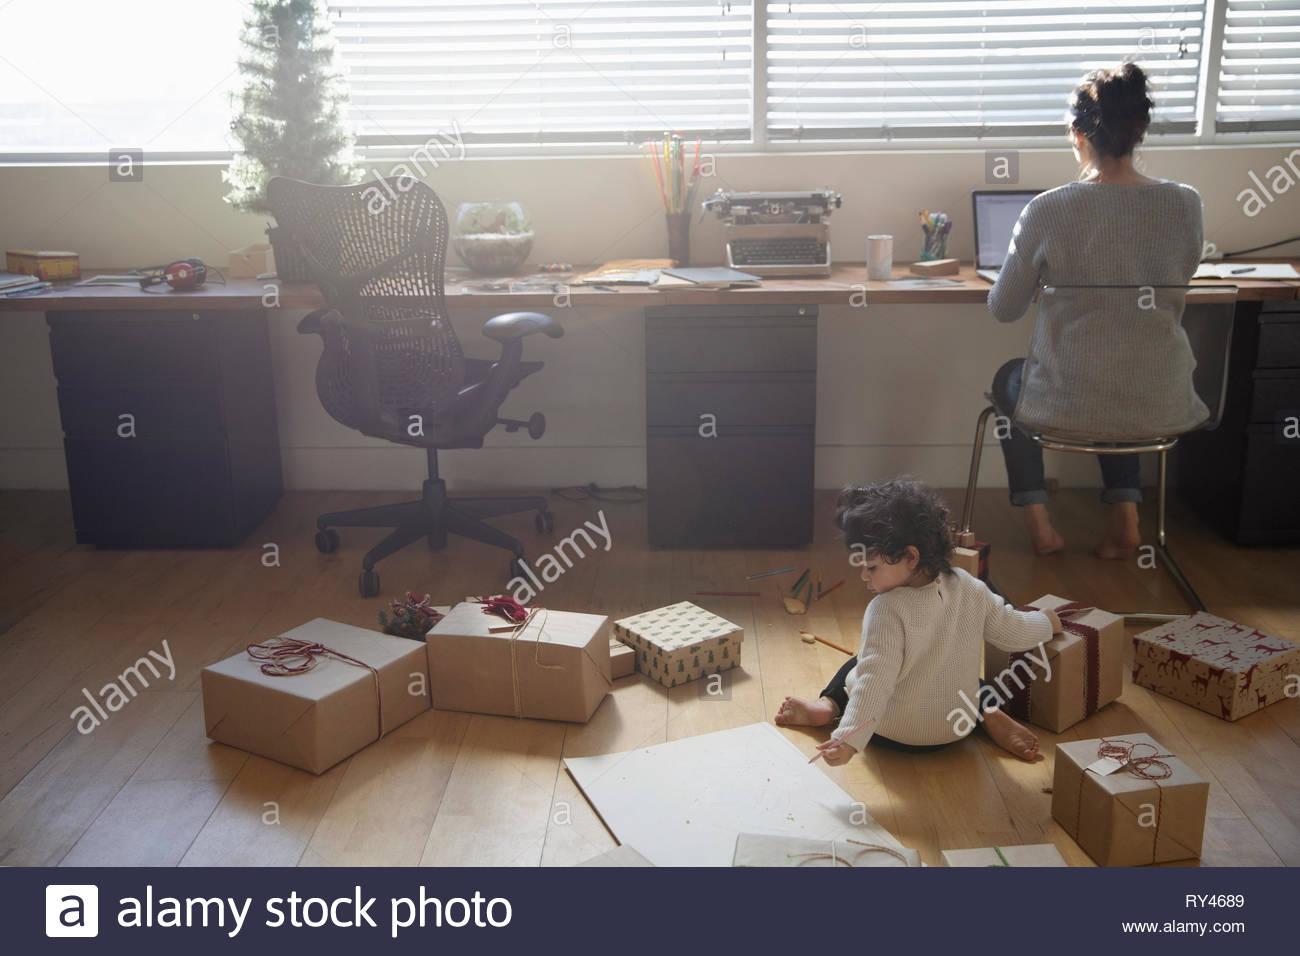 Il Toddler girl giocando con i regali di Natale sul pianale dietro la madre lavora al computer portatile Immagini Stock